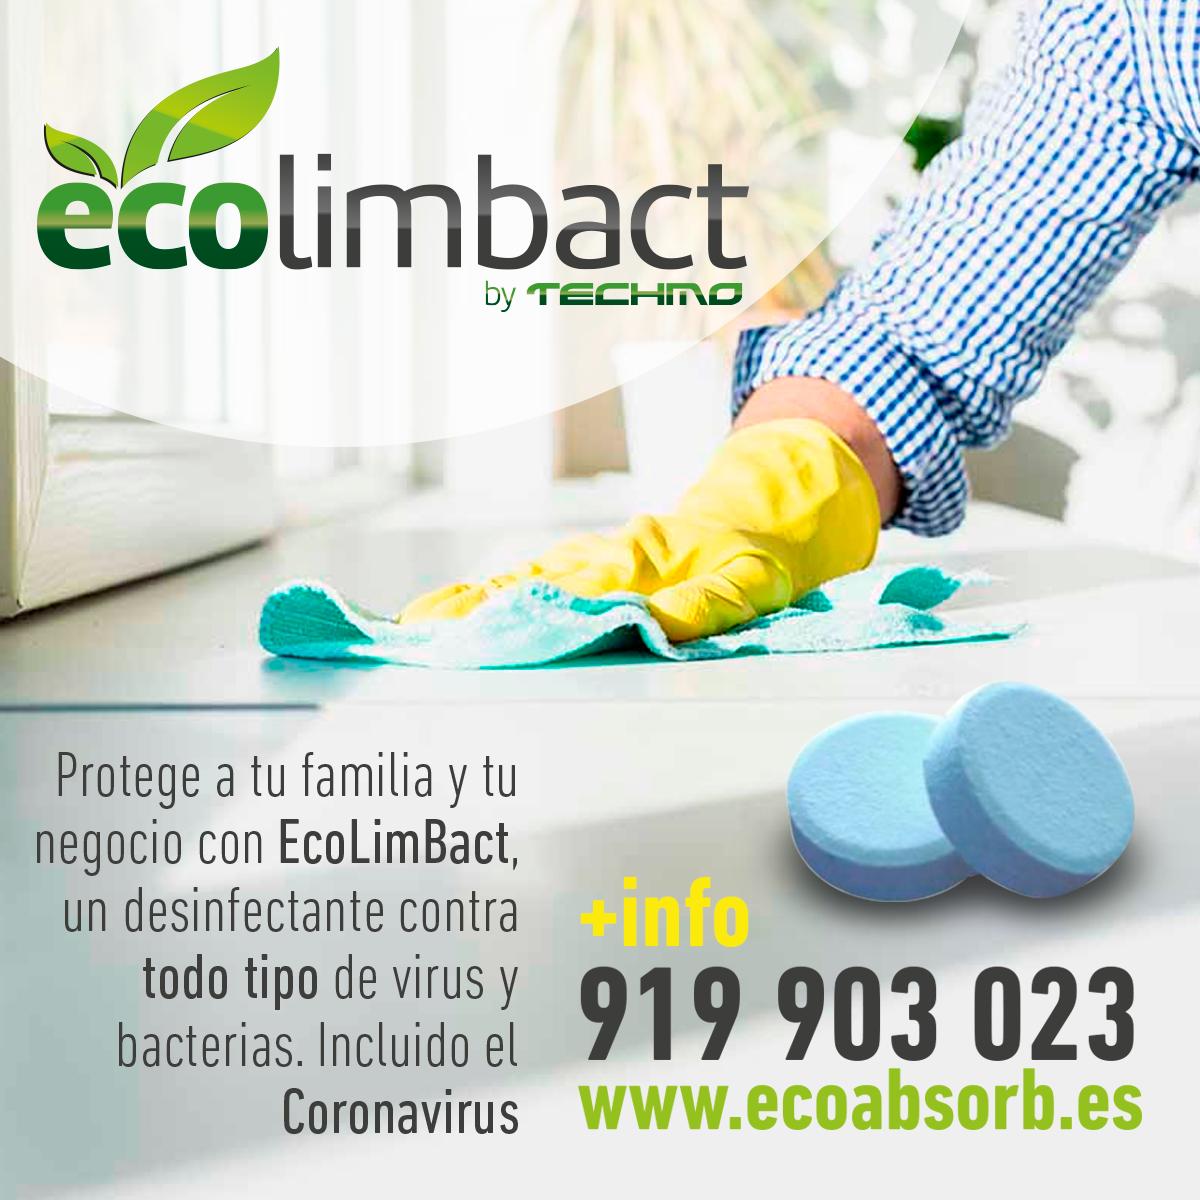 ecolimbact - desinfectante contra todo tipo de virus y bacterias